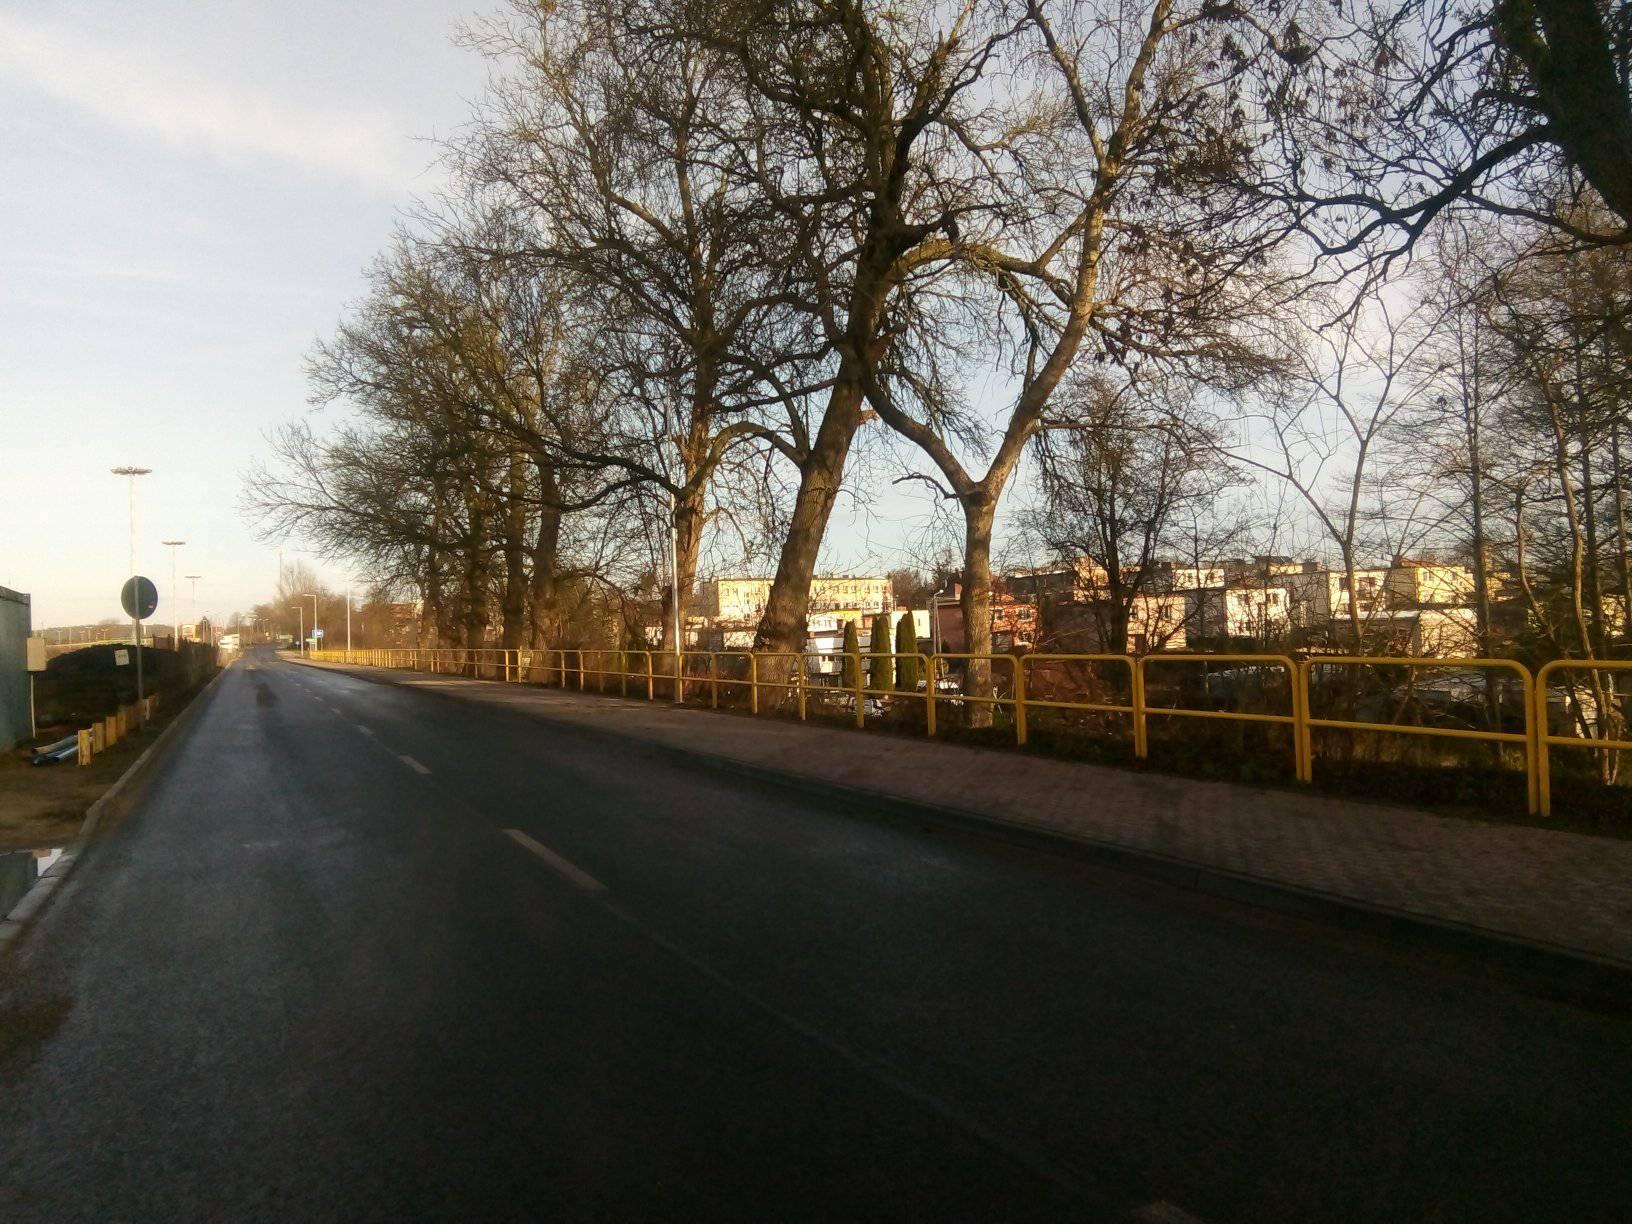 Nowe latarnie naulicach Dworcowej iKorczaka wWięcborku - foto Tomasz Roman Bracka